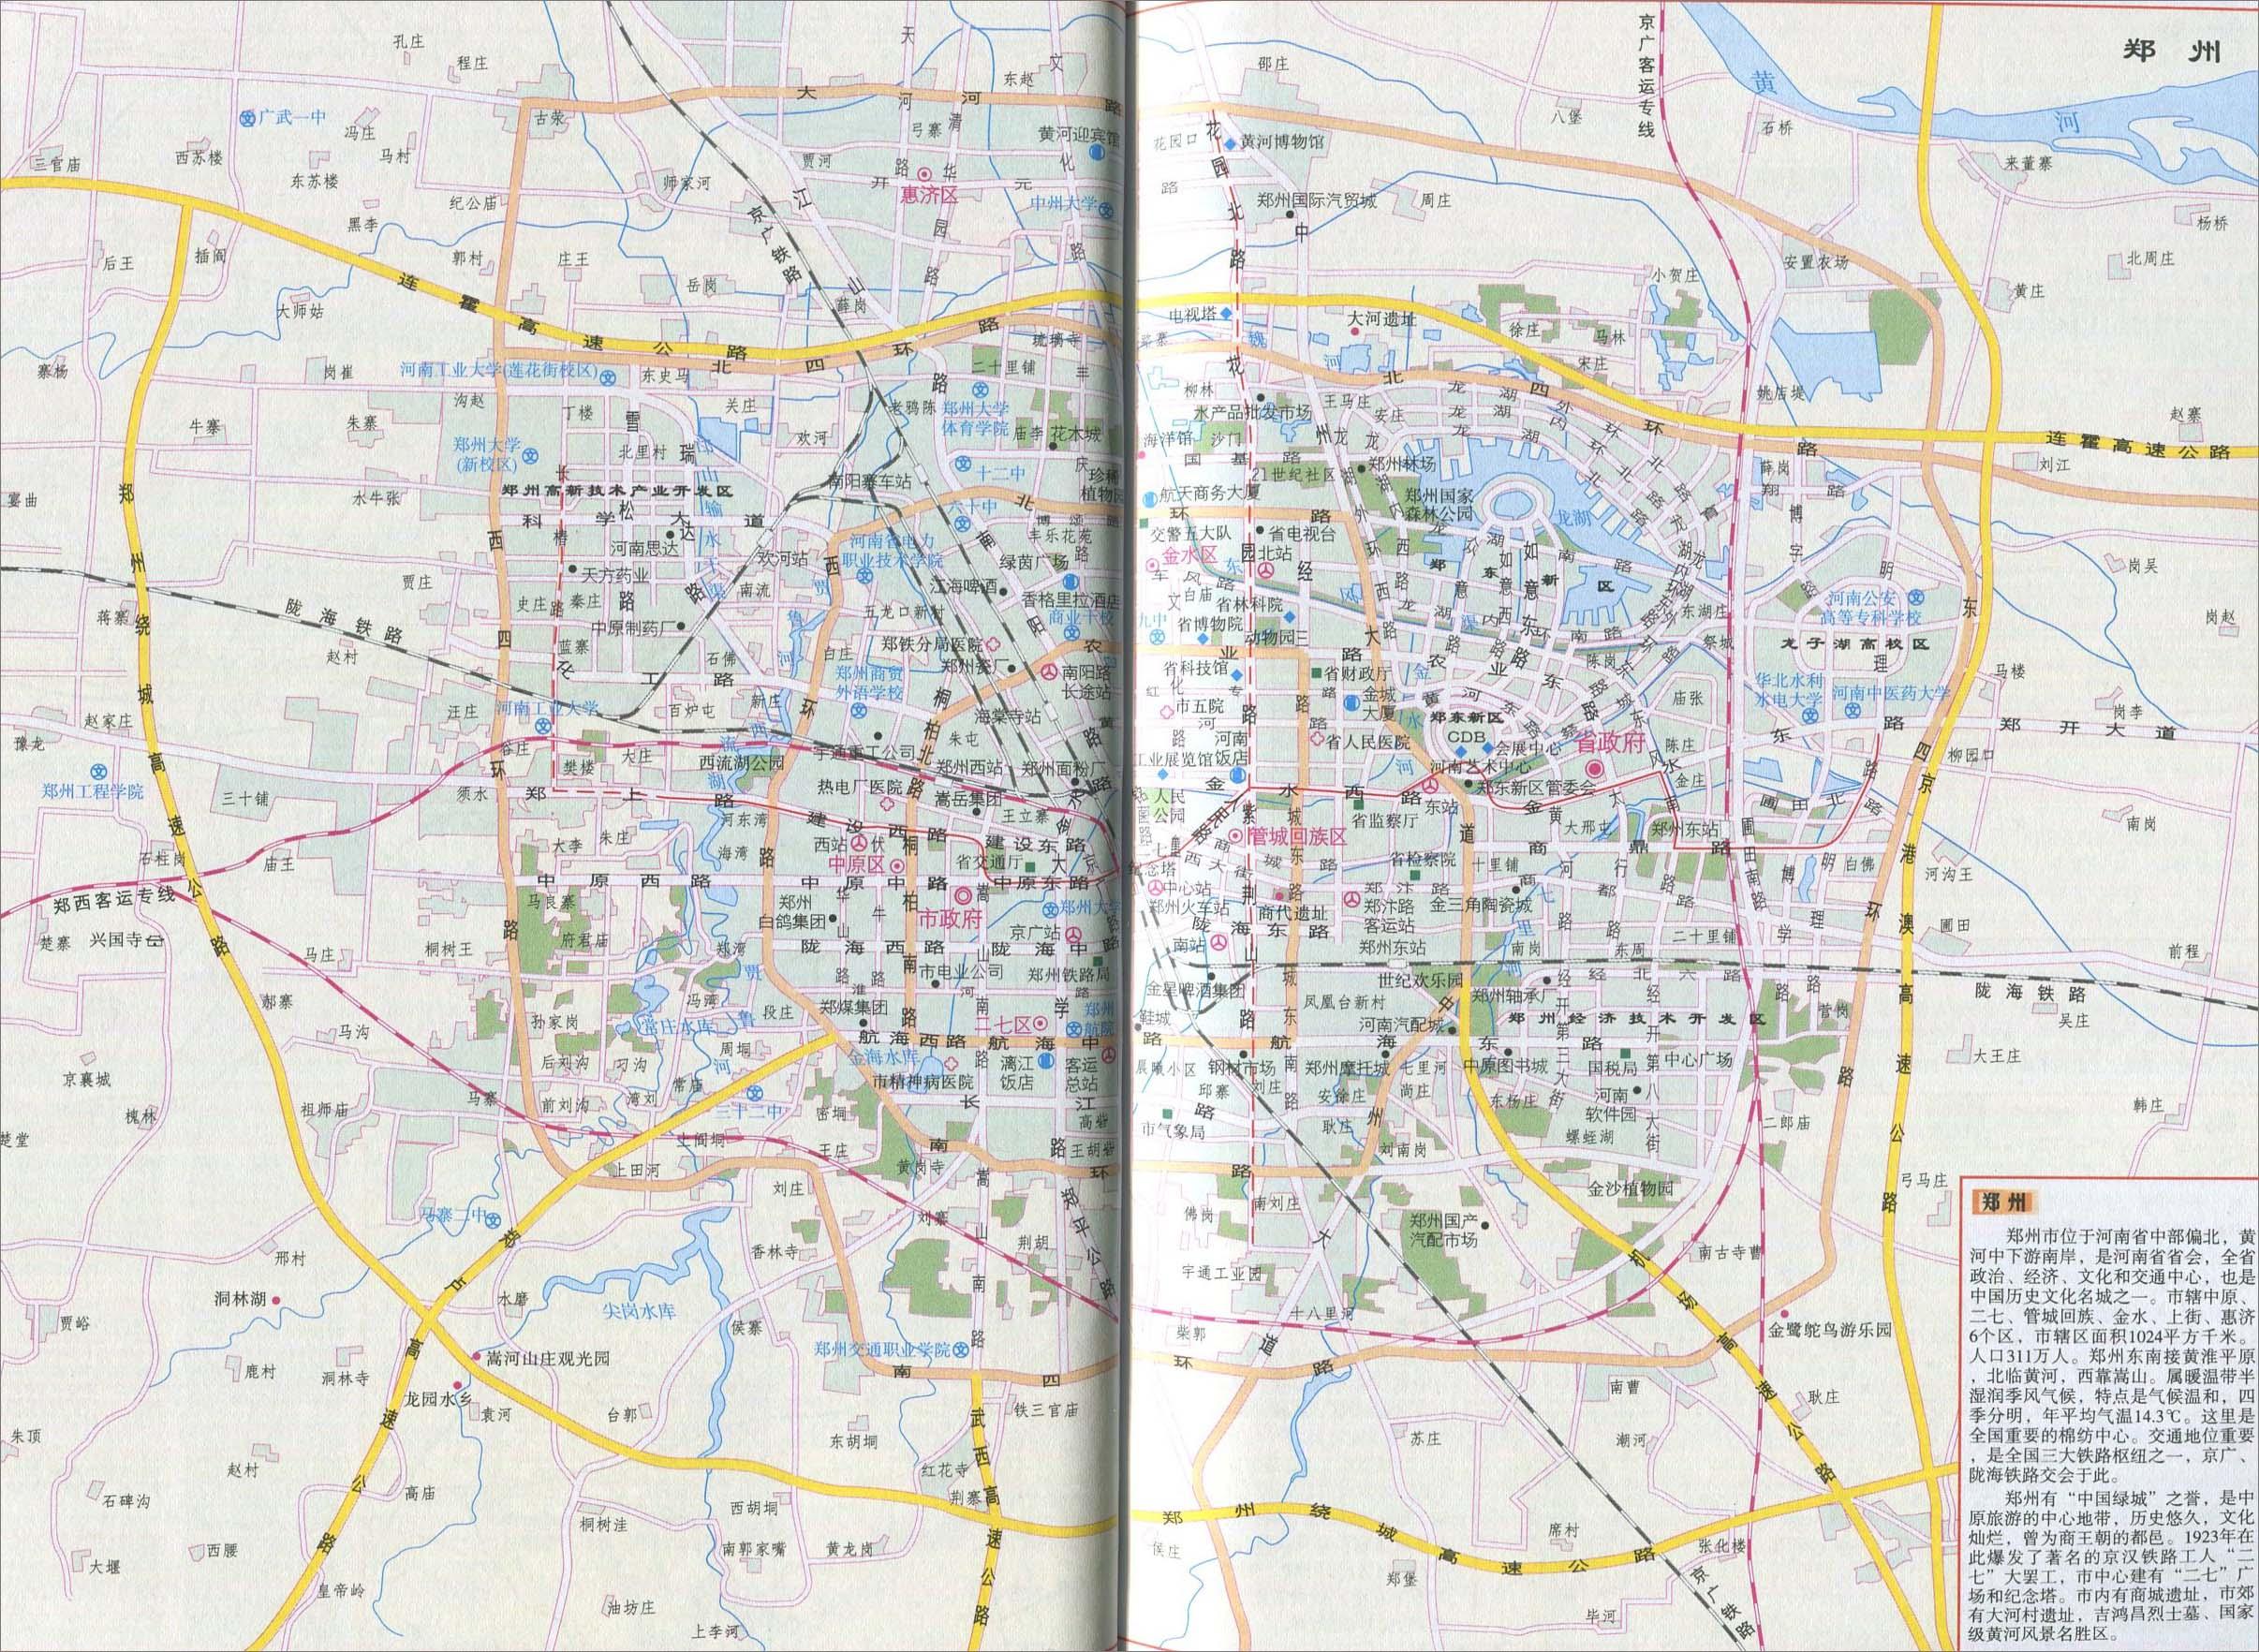 郑州市城区旅游地图图片